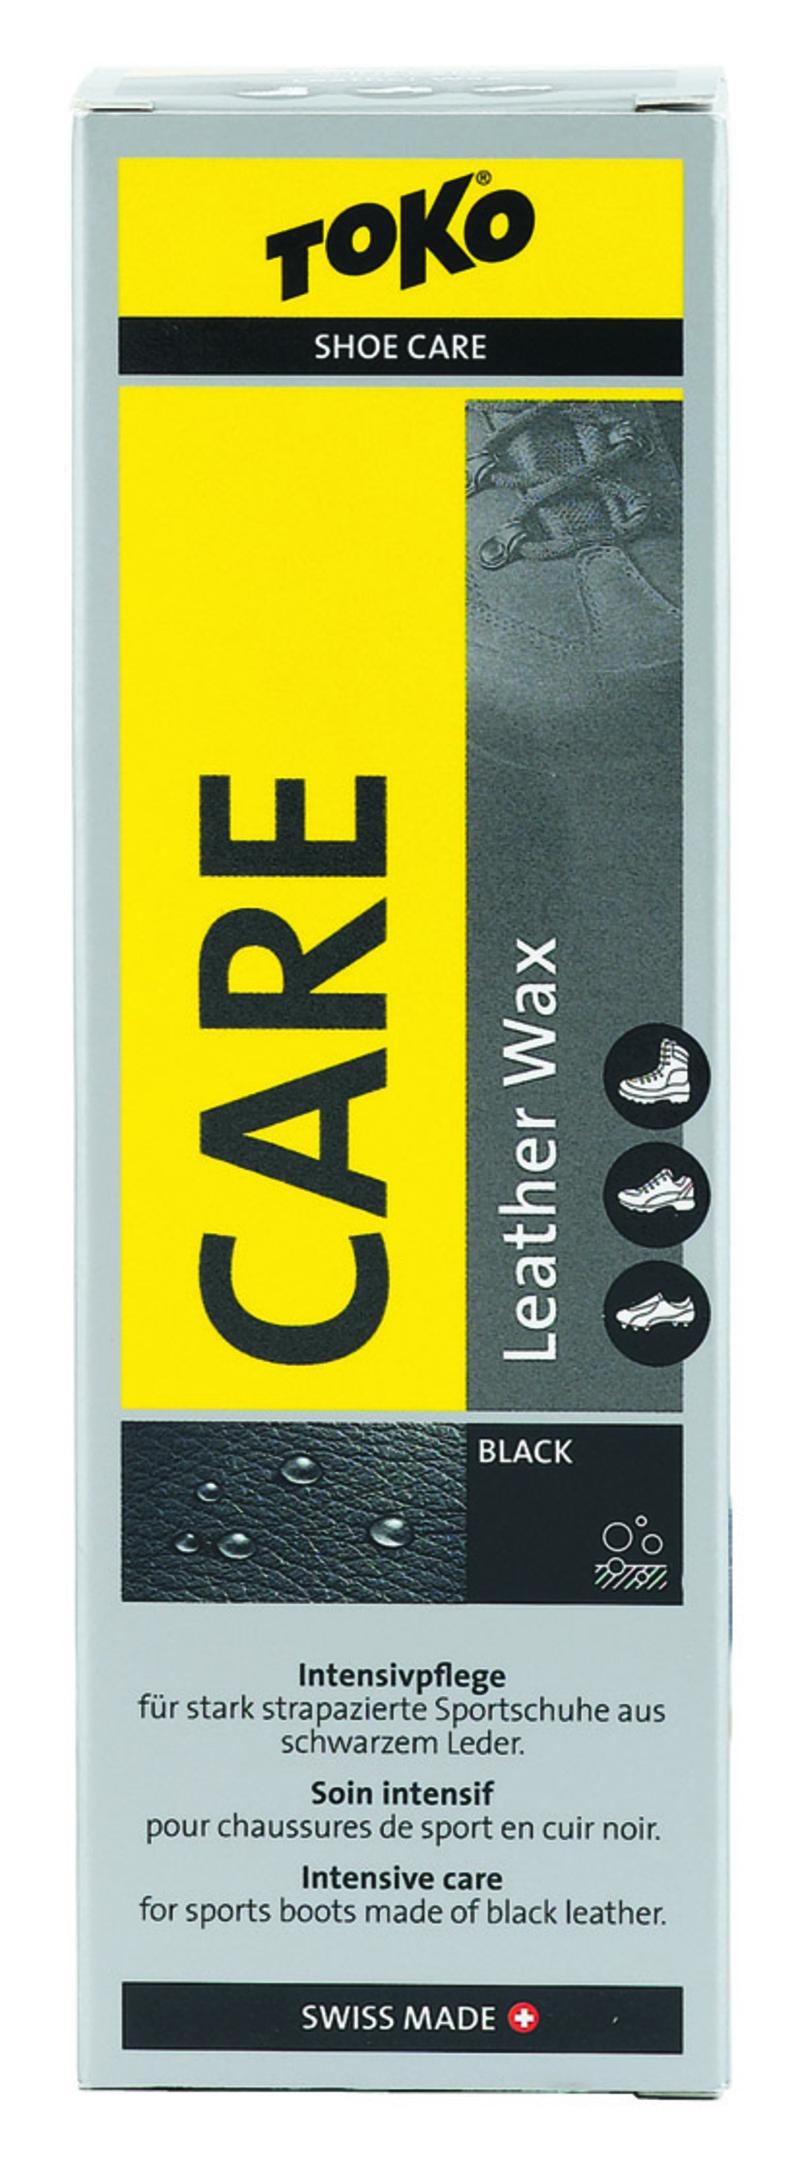 Toko LEATHER WAX BLACK SILICON 75ml Care Line prostředek k ošetření kožené obuvi